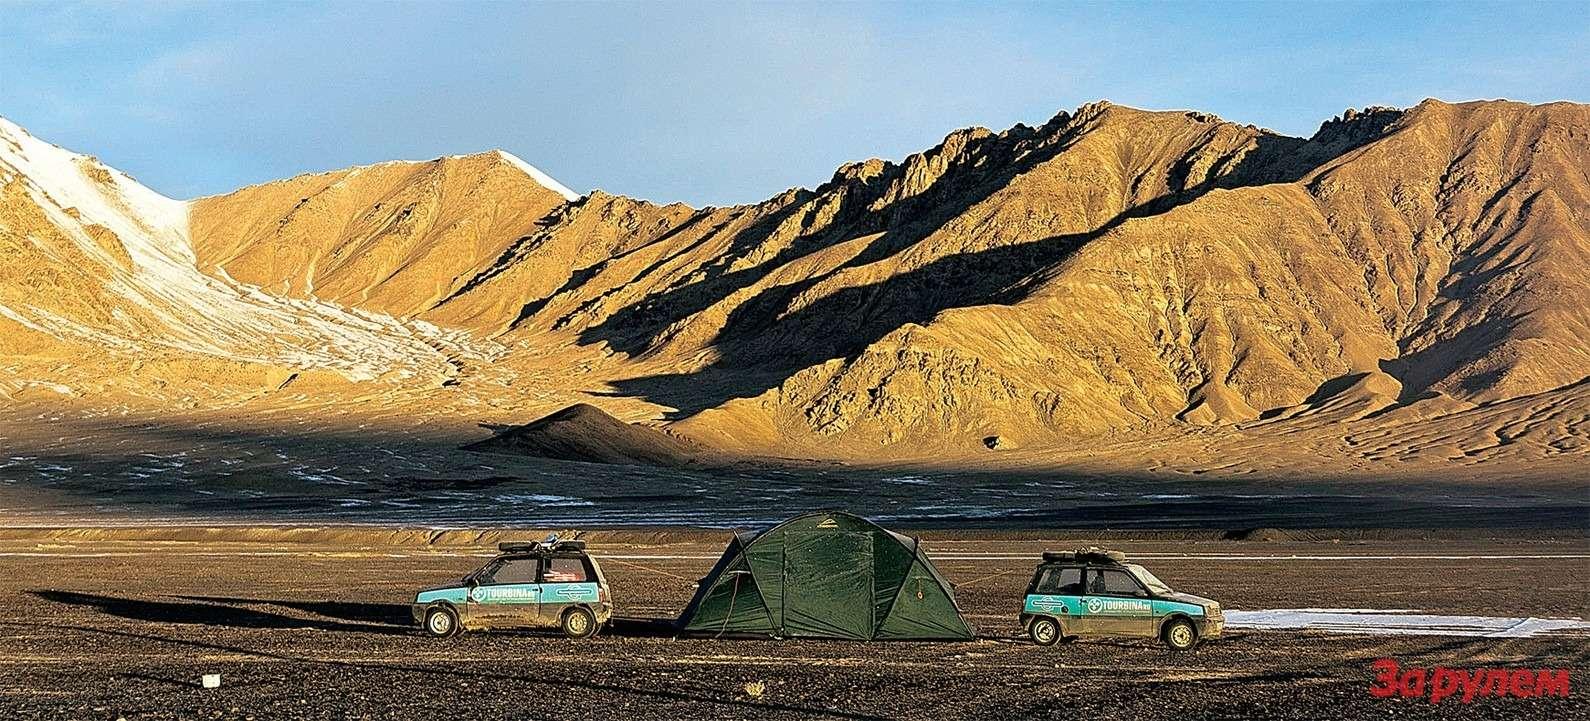 Мургаб— самый высокогорный райцентр СССР. Утром, когда взошло солнце, термометр показывал минус двадцать…